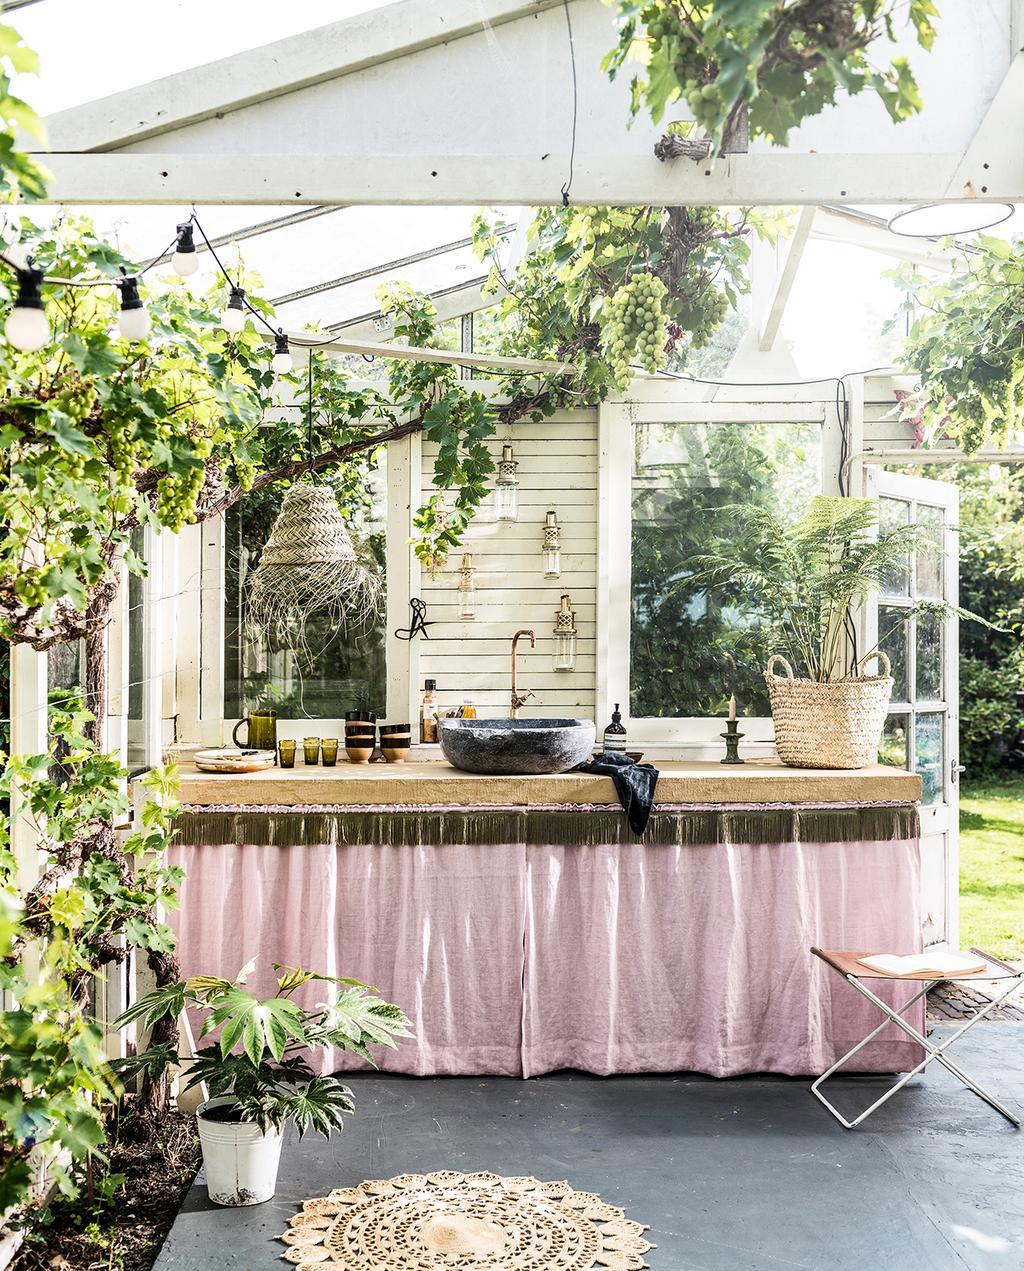 vtwonen tuin special 2 2020 | buitenkeuken met stenen wasbak Franjes styling Liza Wassenaar